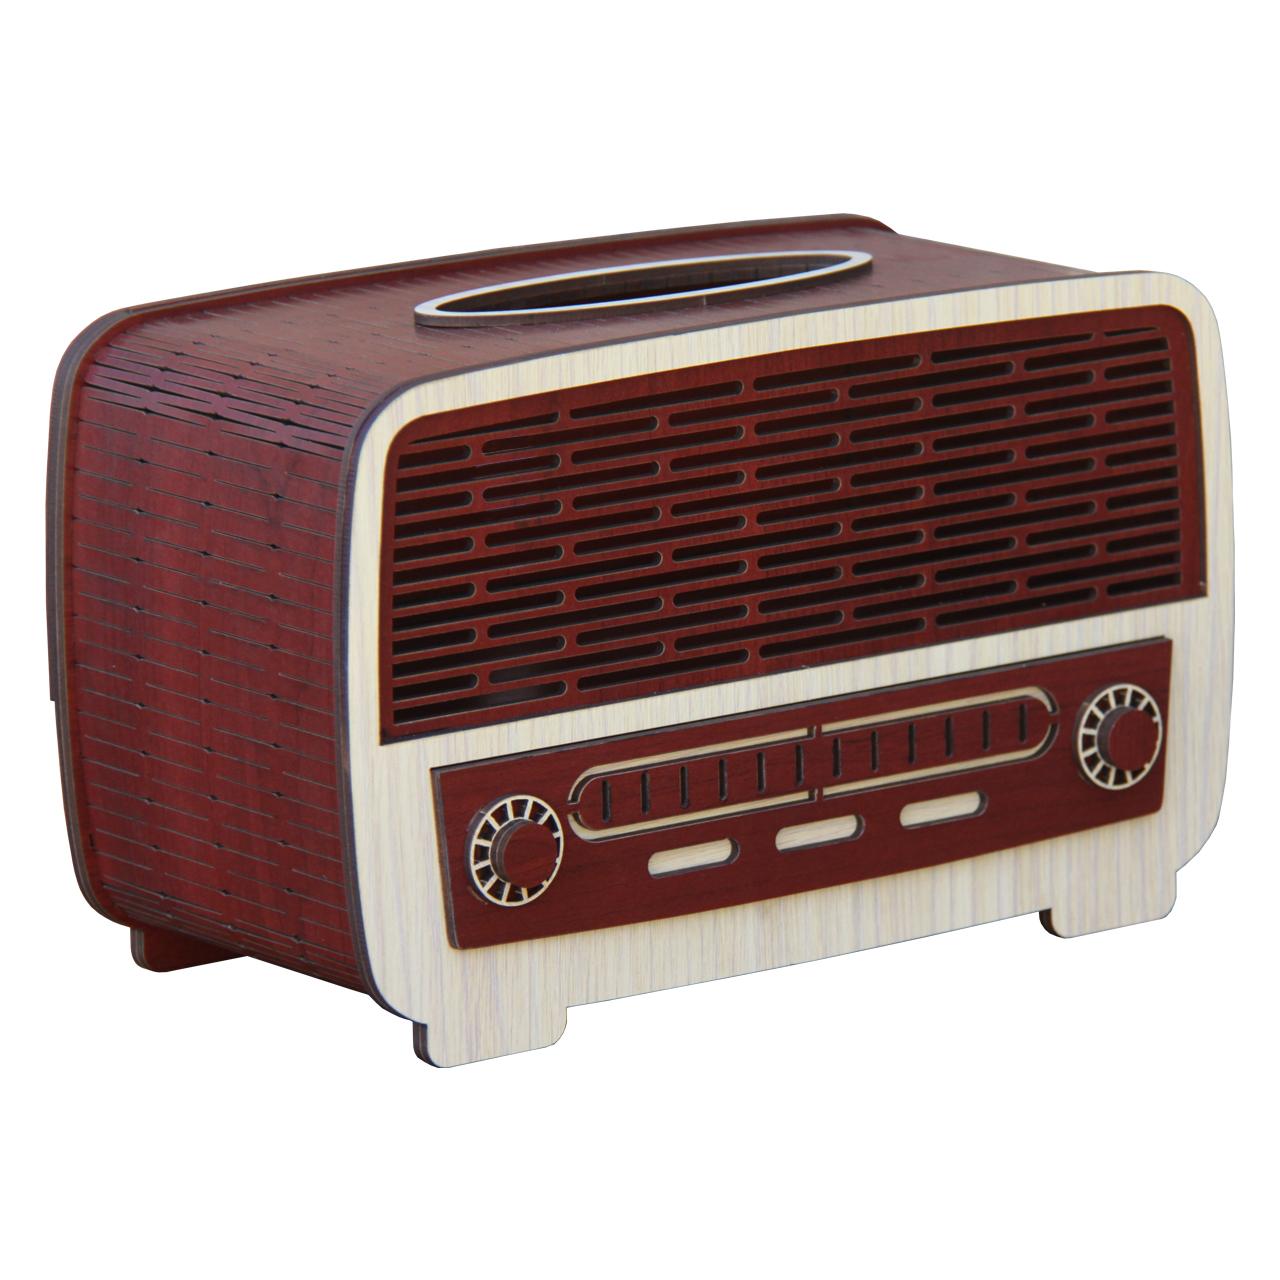 جعبه دستمال کاغذی چوبی  اس ای دکور  مدل رادیو قدیمی